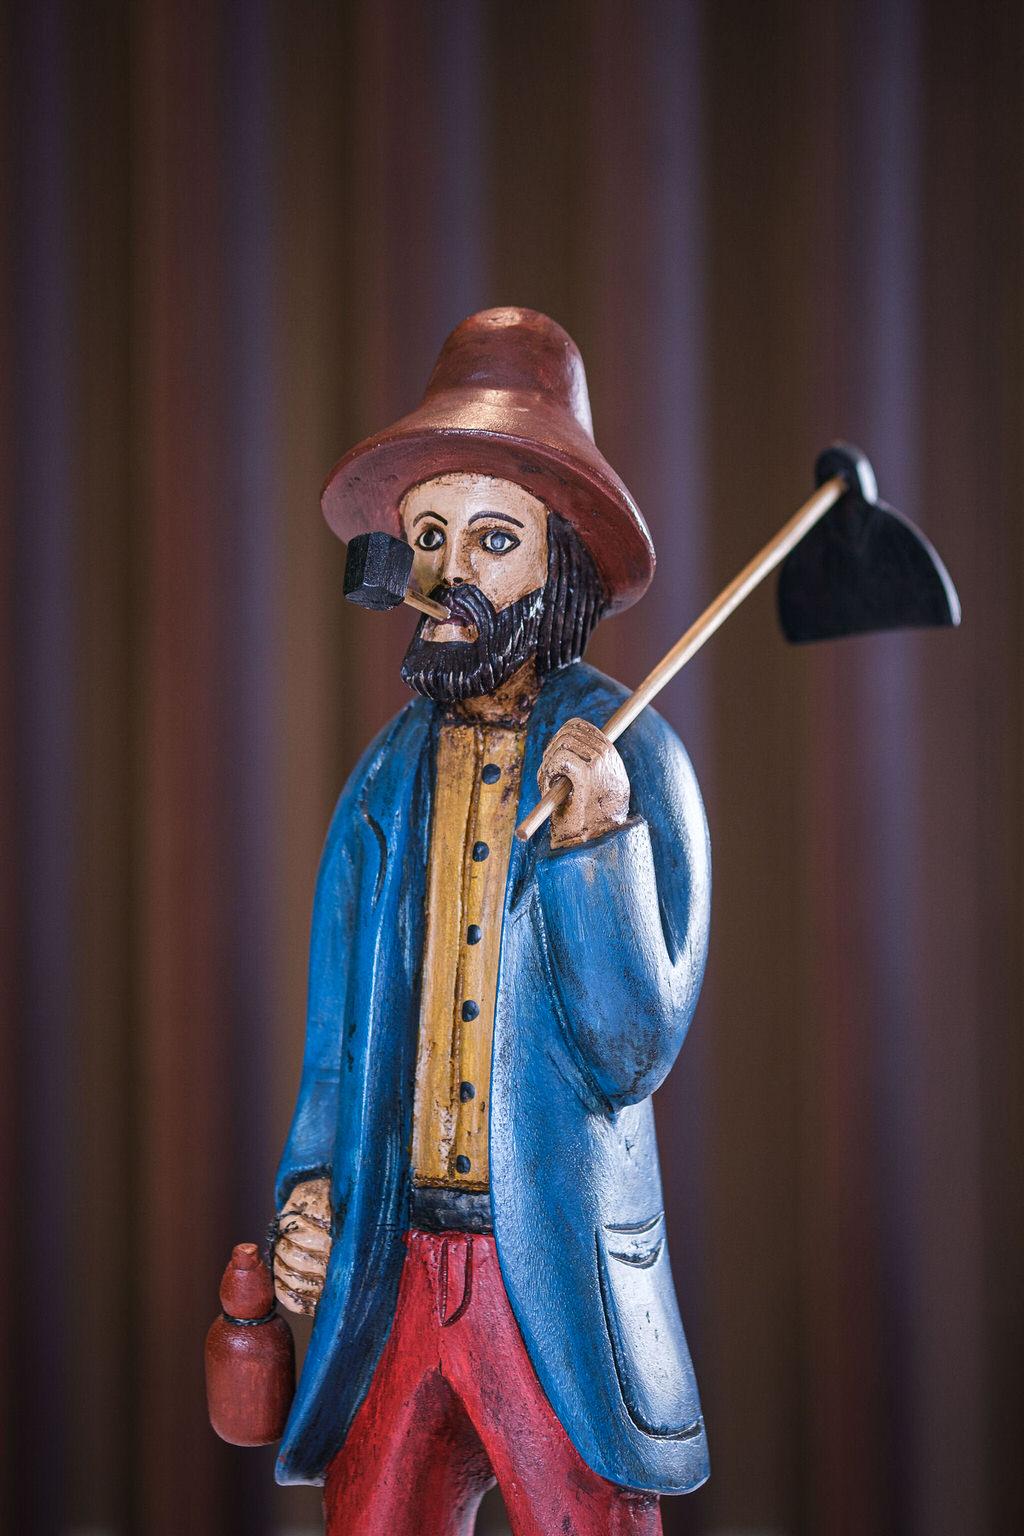 Escultura homem da roça em Madeira - Casaco Azul